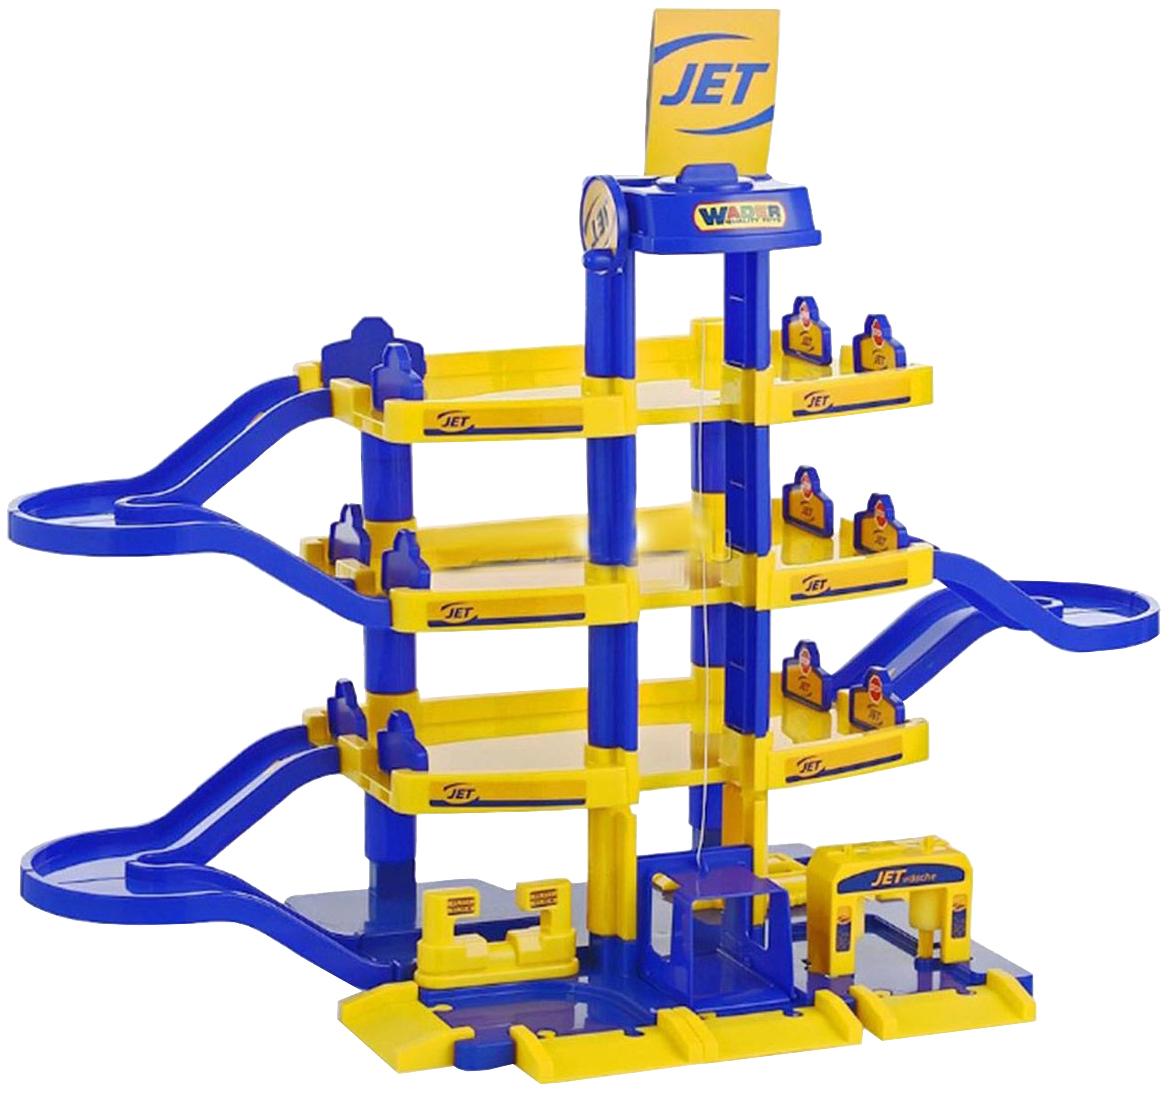 Купить Игровой набор Полесье Паркинг JET 4-уровневый 40213,